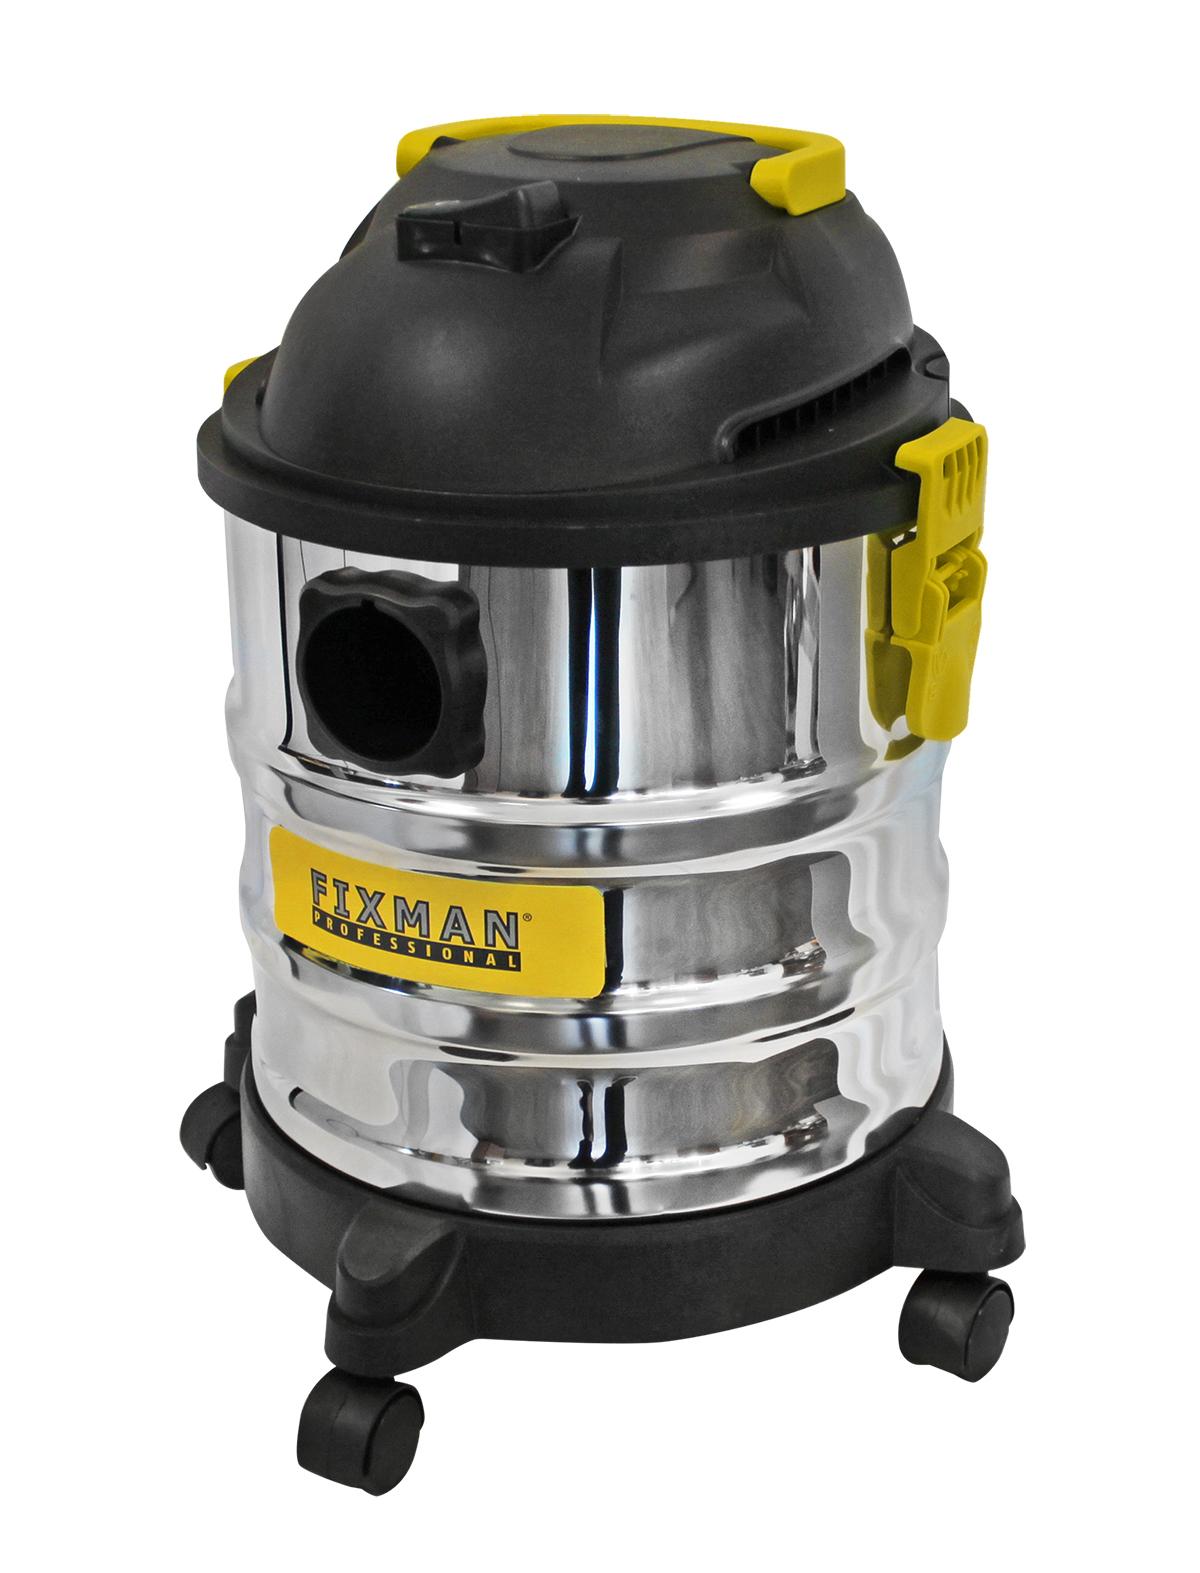 Fixman 乾濕吸塵器集塵袋6入 | Costco 好市多線上購物